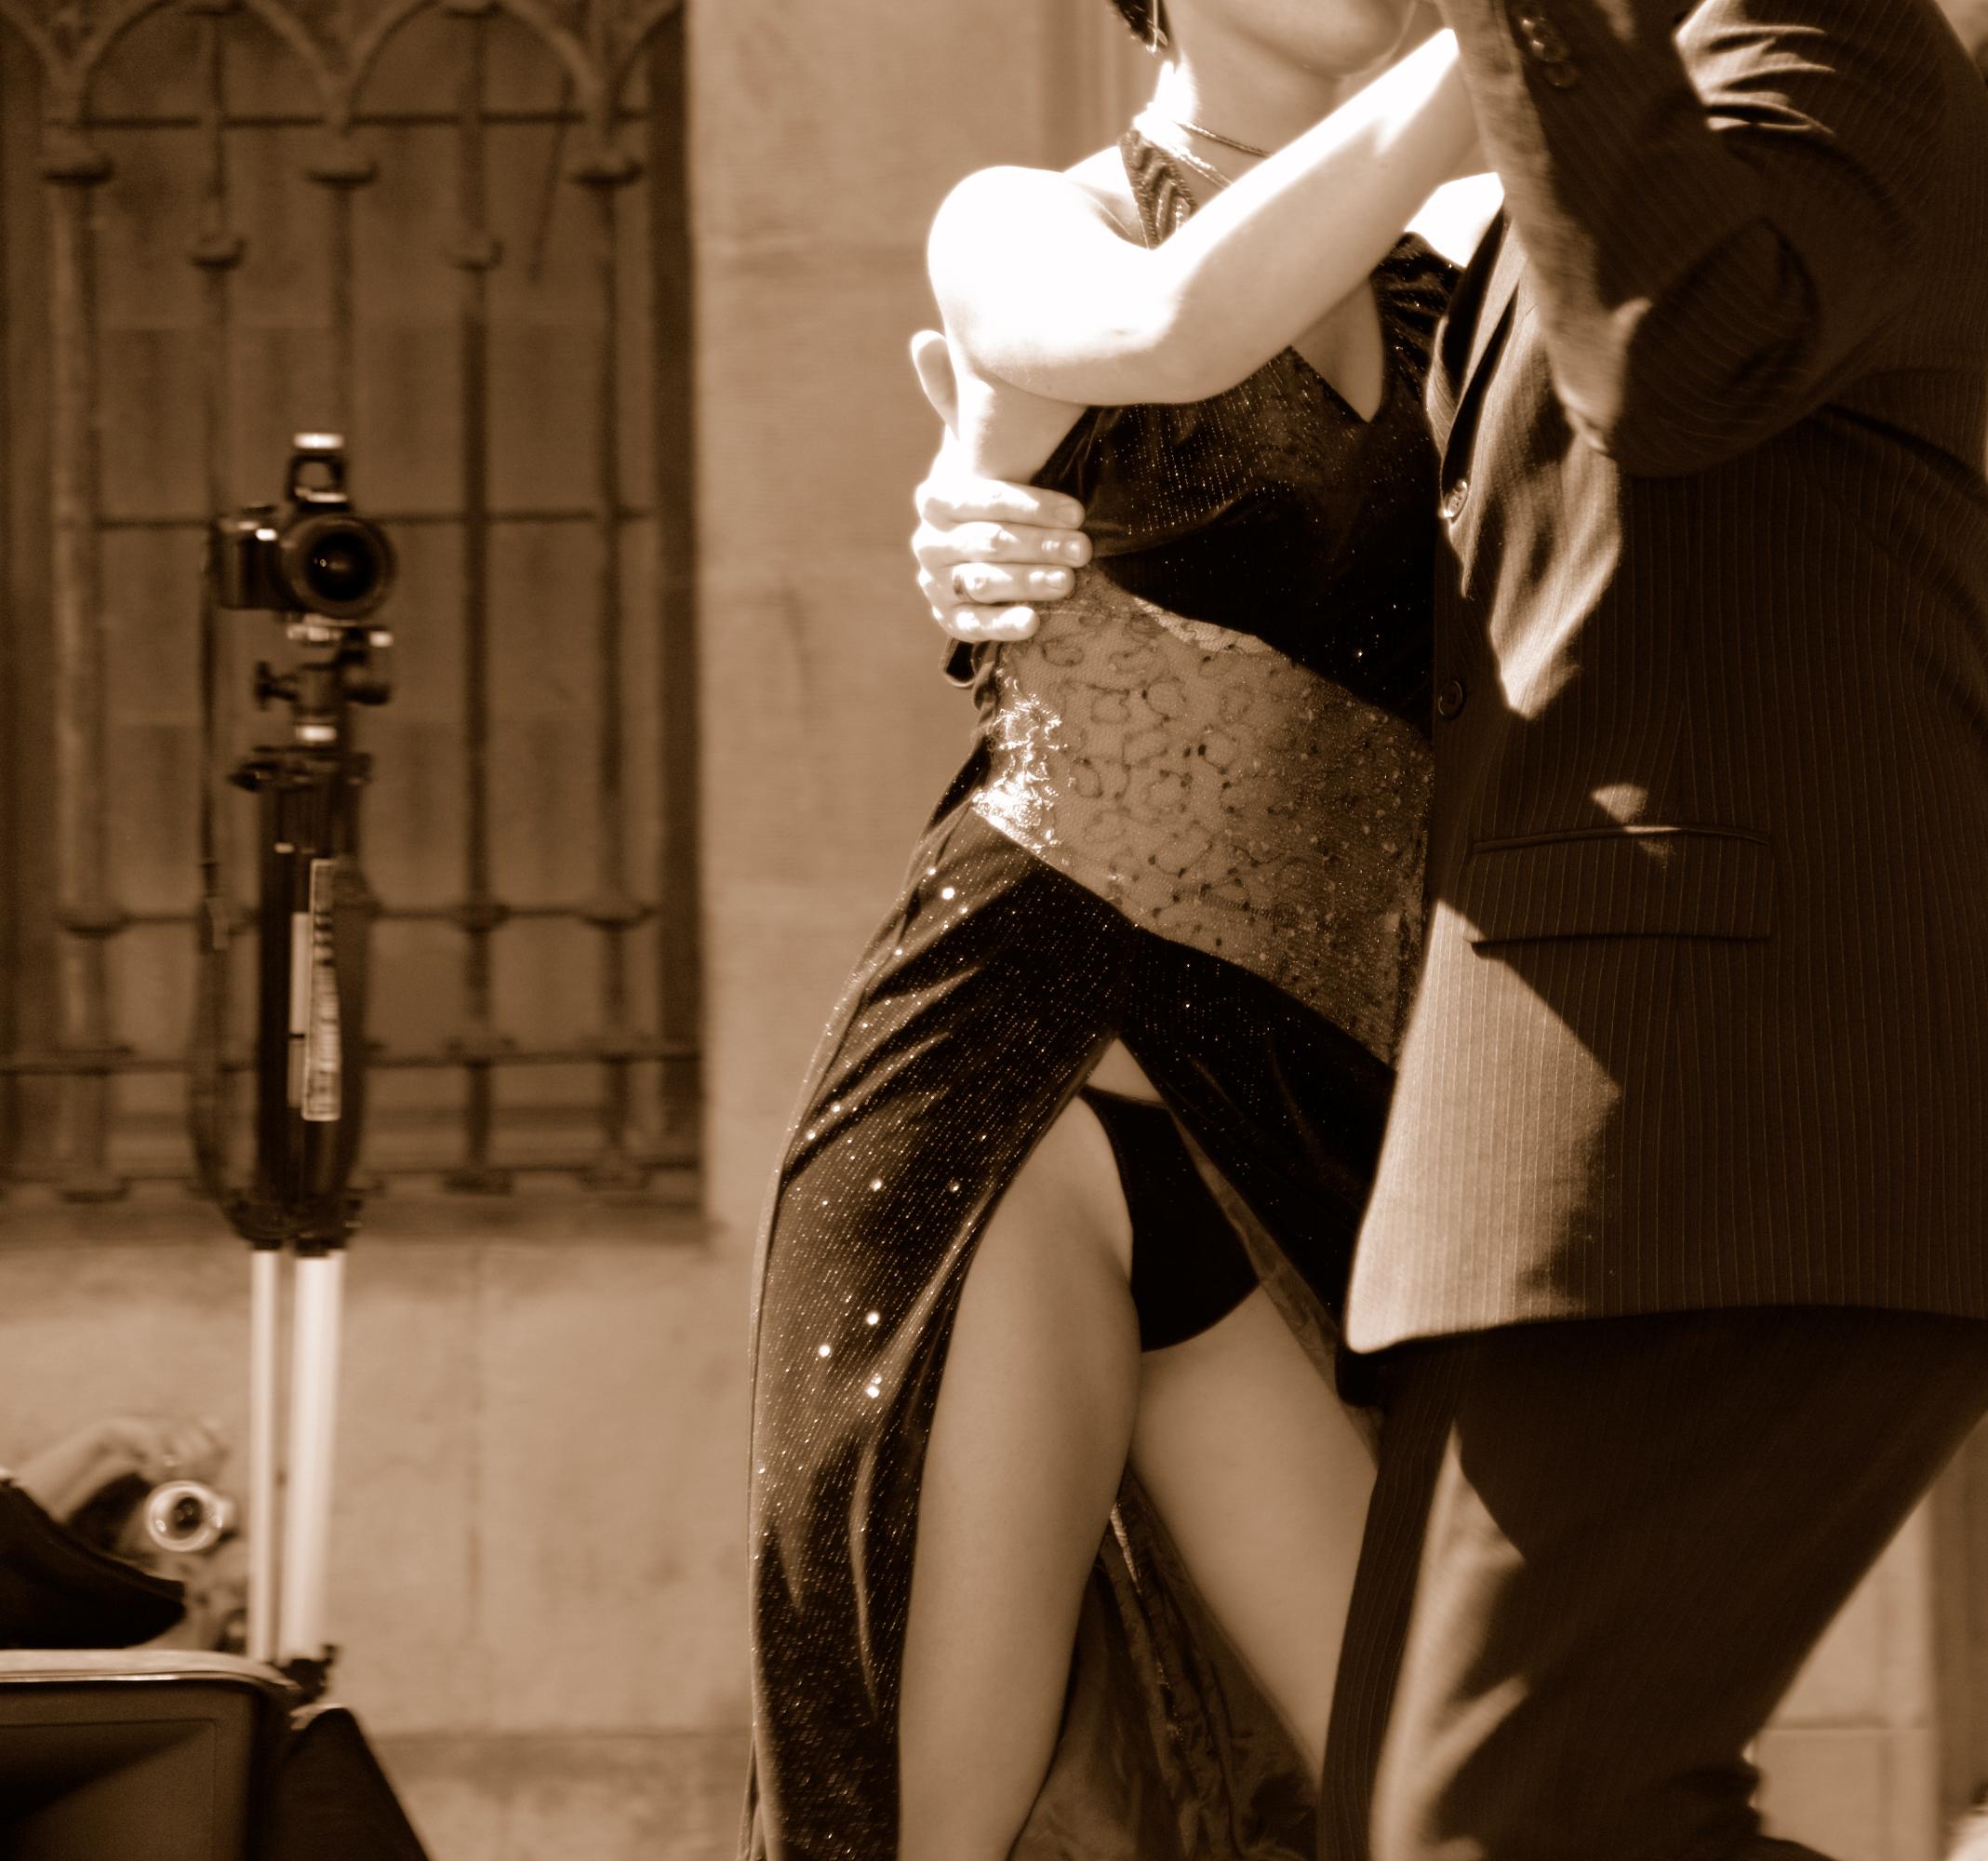 eroticheskie-foto-v-tango-porno-video-molodie-shlyuhi-i-stariki